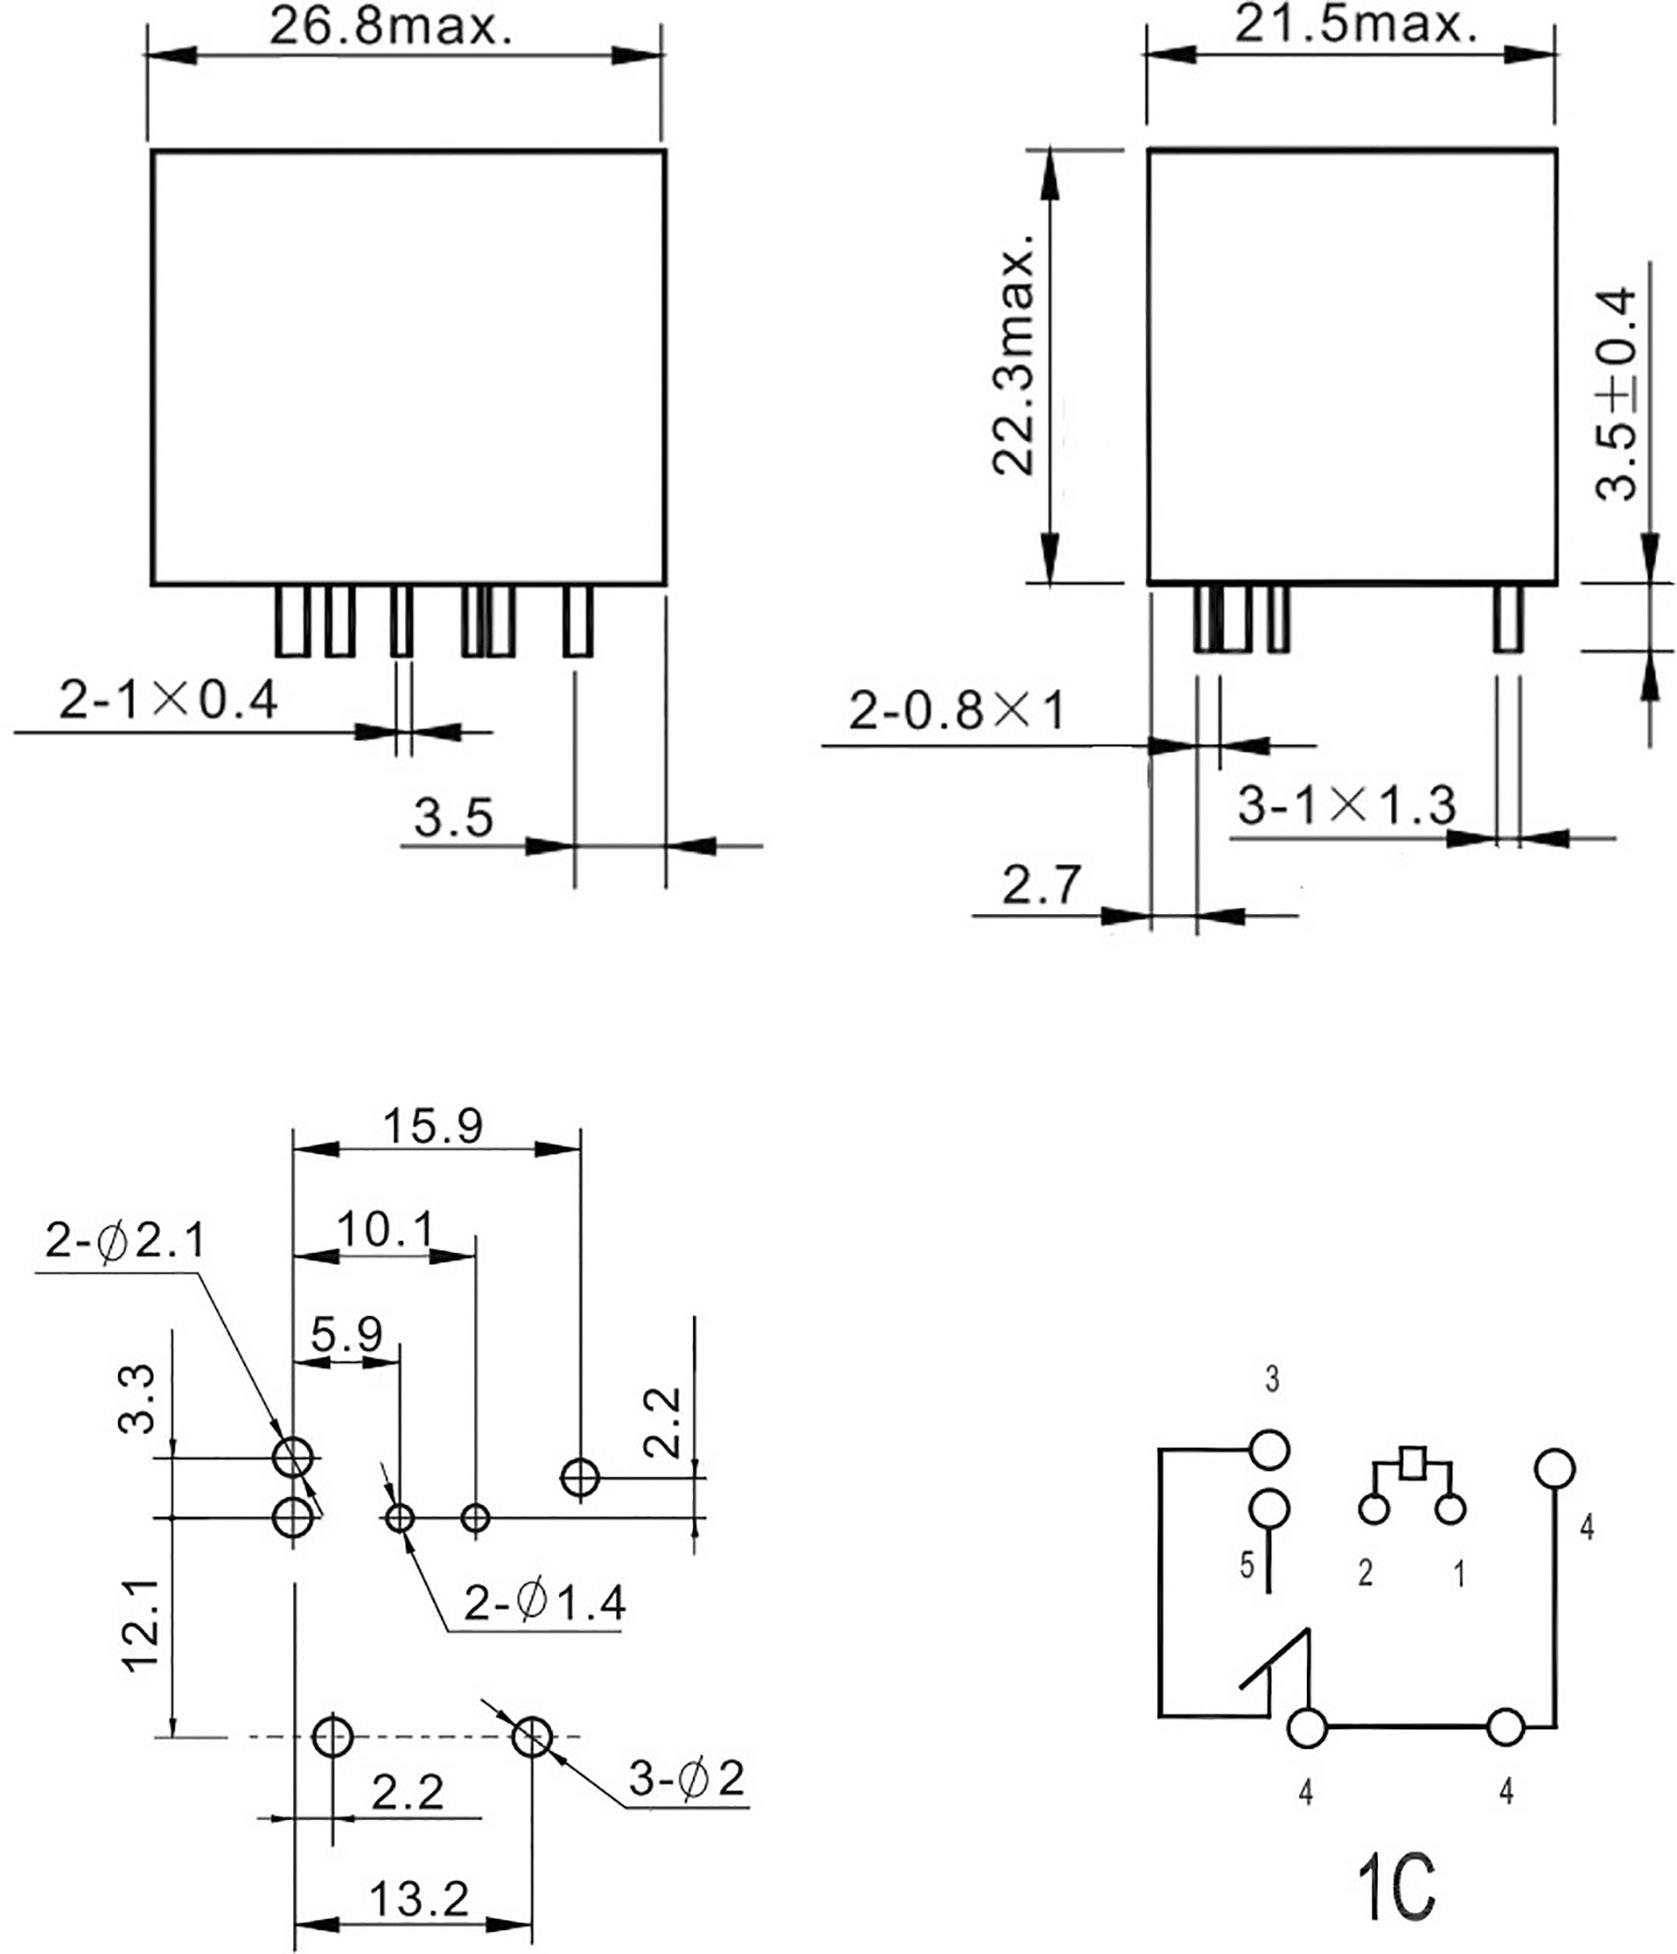 Fic Fra2c S2 Dc24v Automotive Relay 24 V Dc 40 A 1 Change